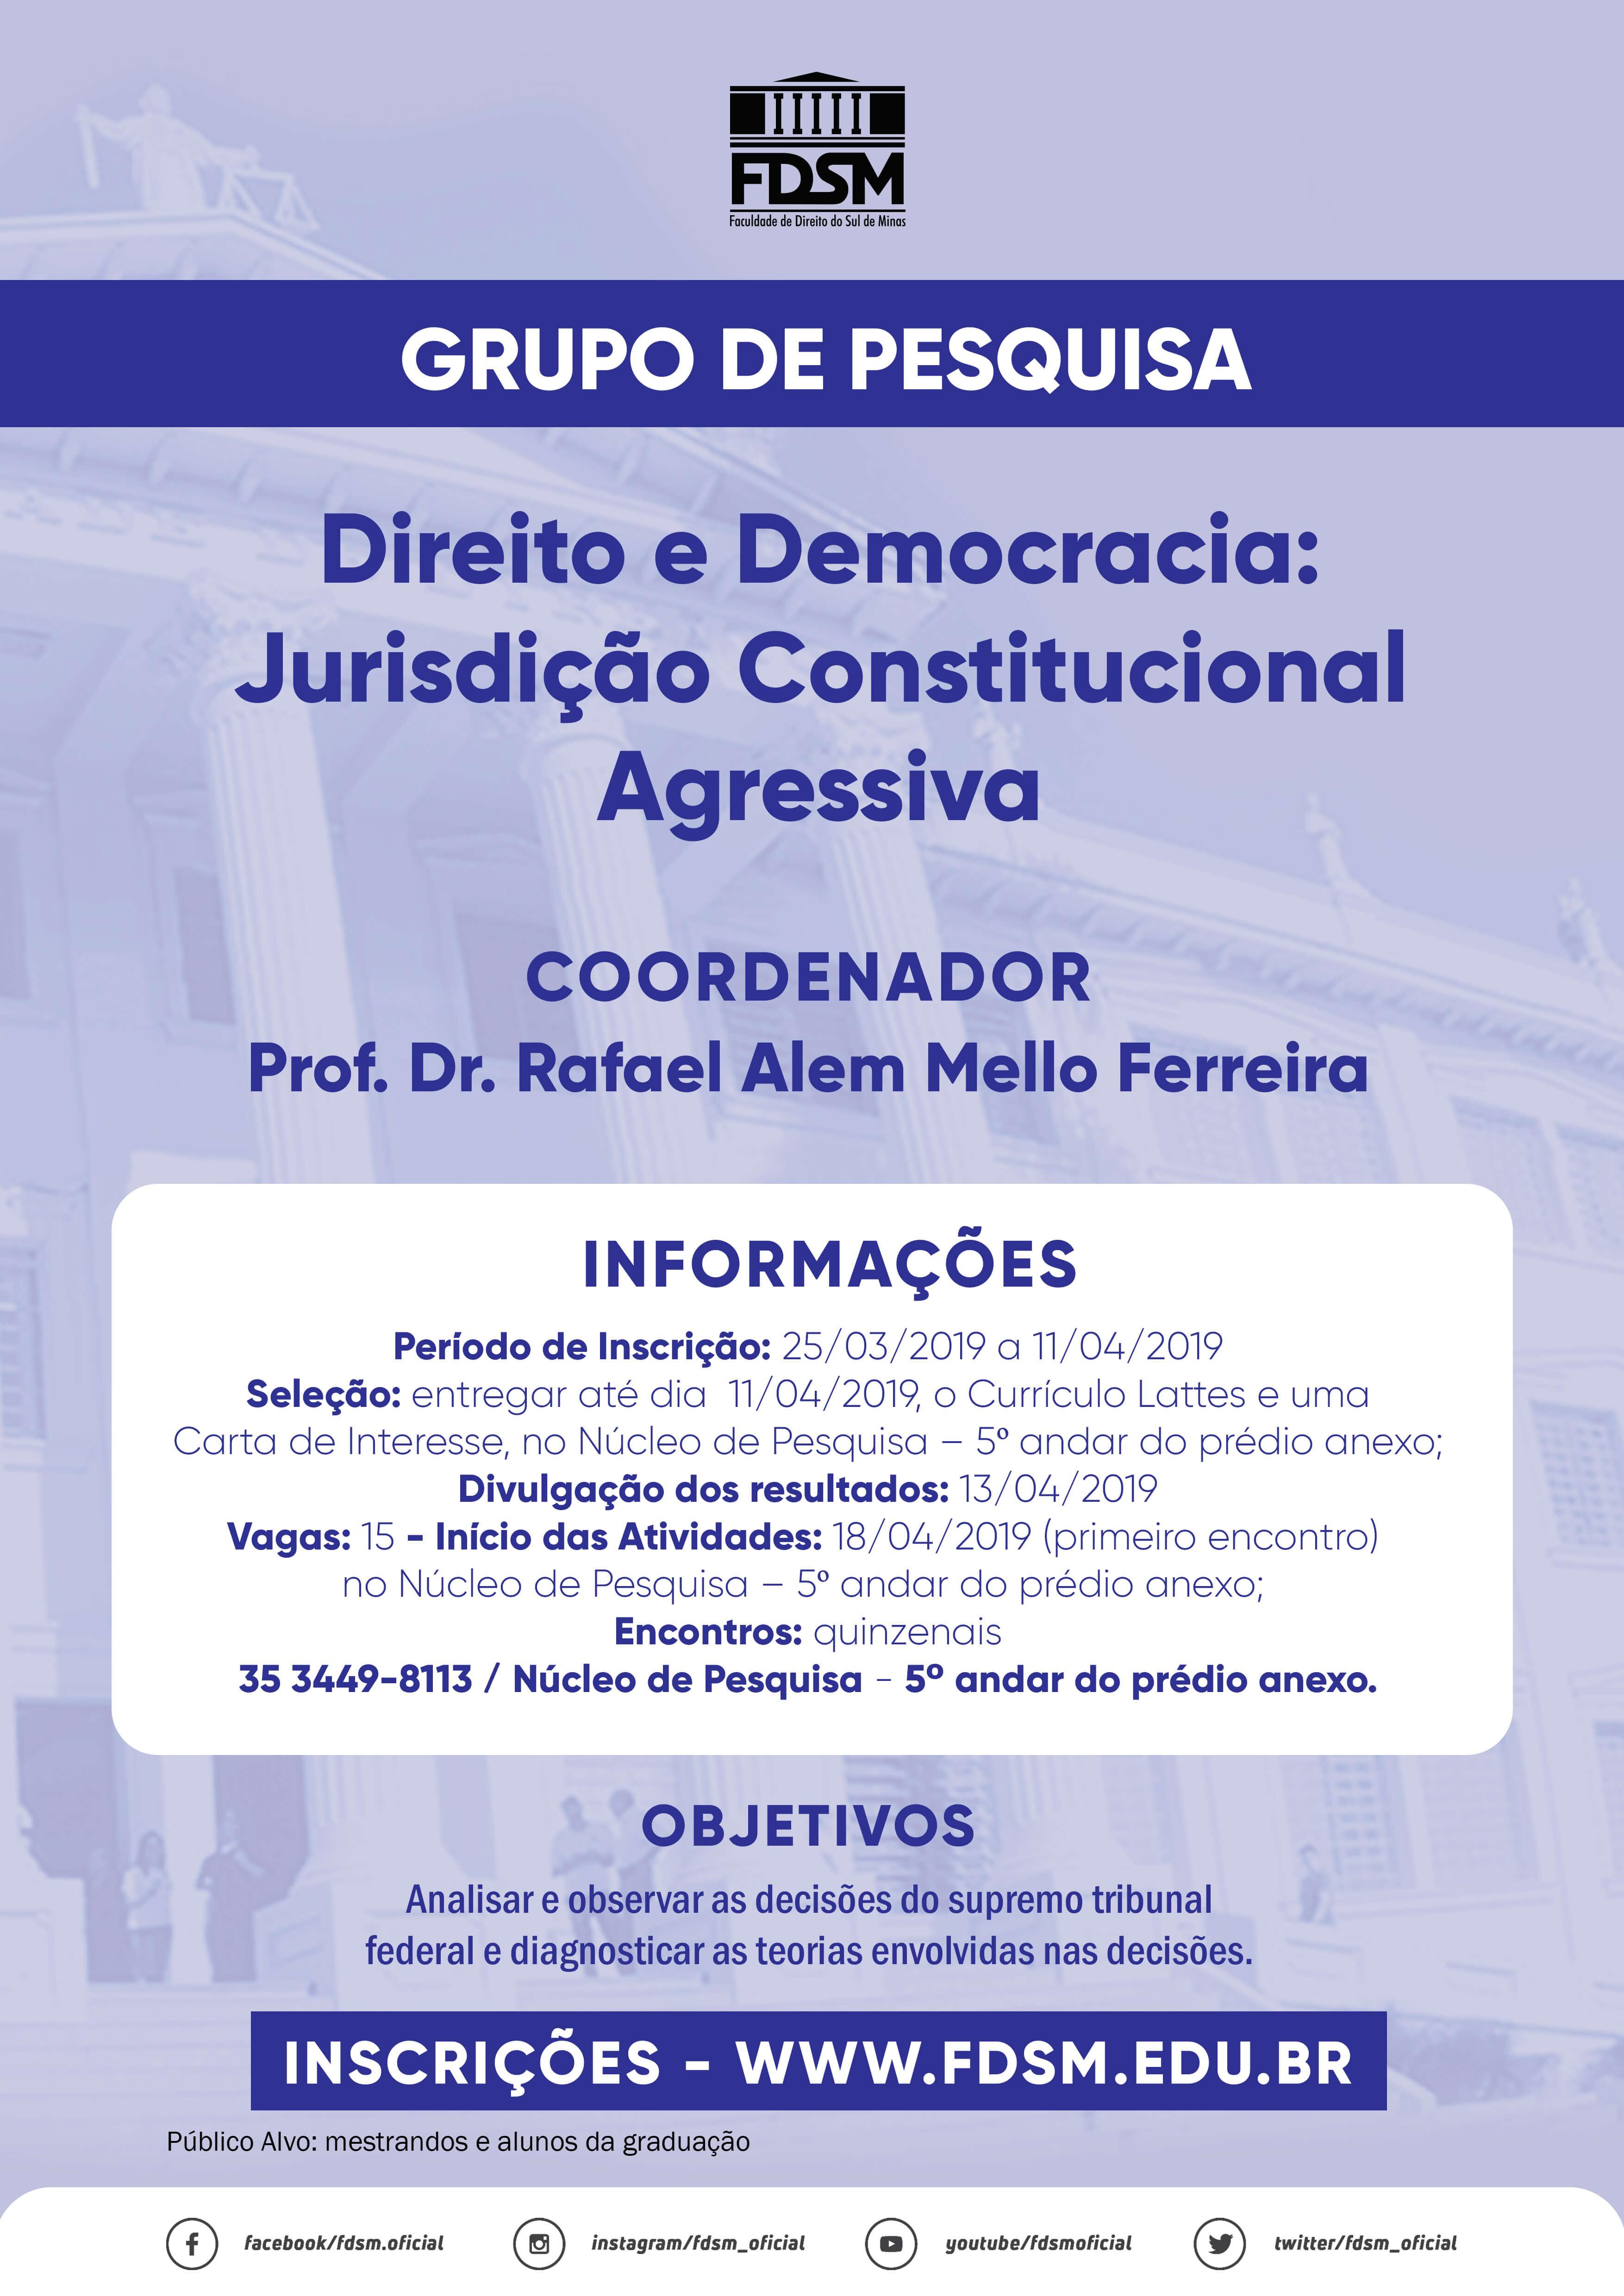 Grupo de Pesquisa - Direito e Democracia: Jurisdição Constitucional Agressiva